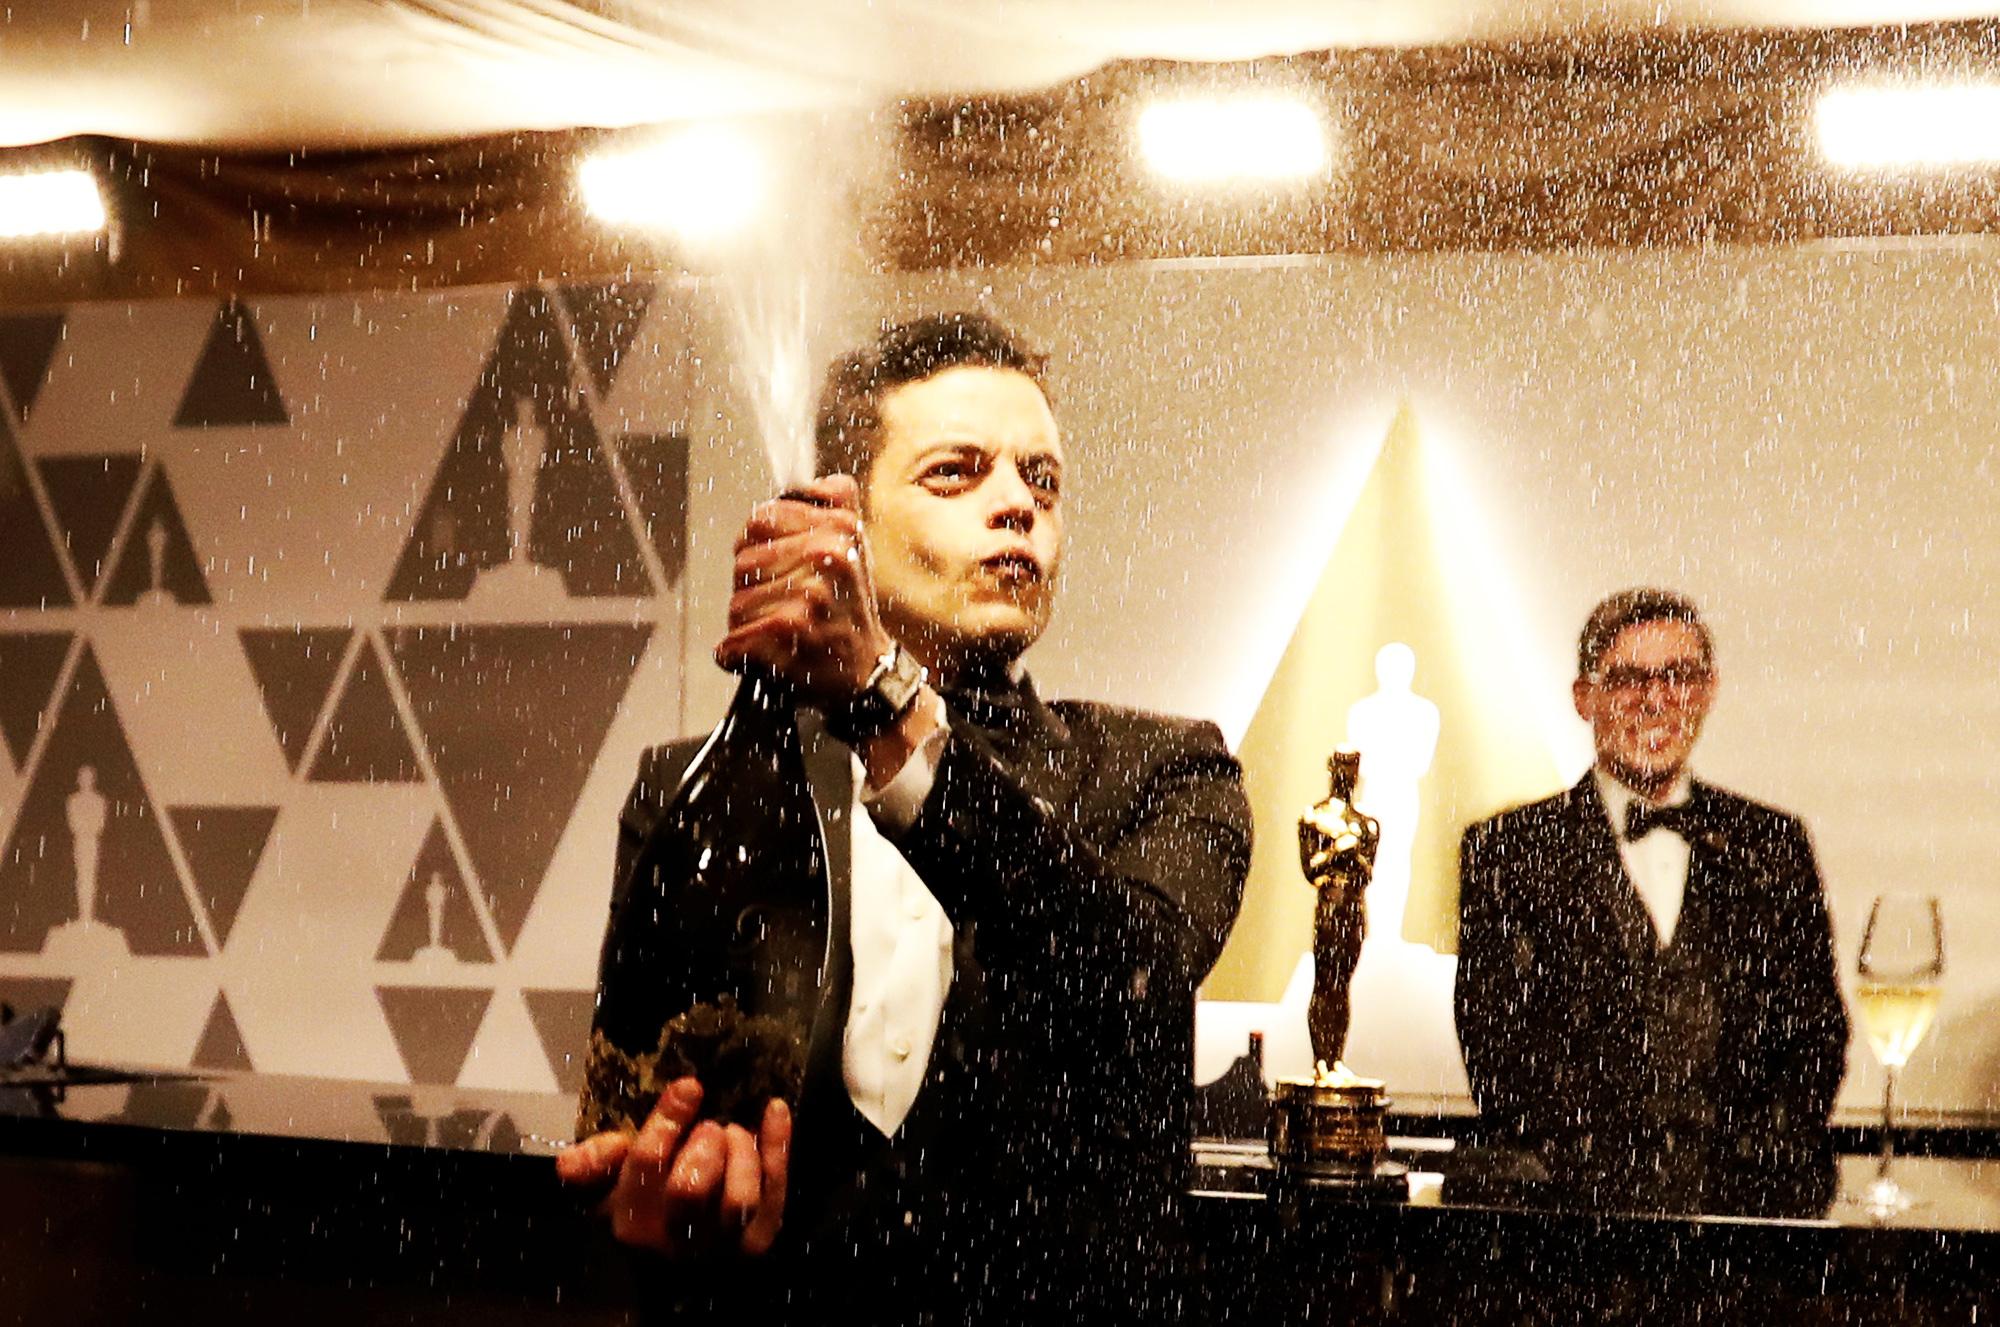 Рами Малек открывает бутылку шампанского, отмечая первый